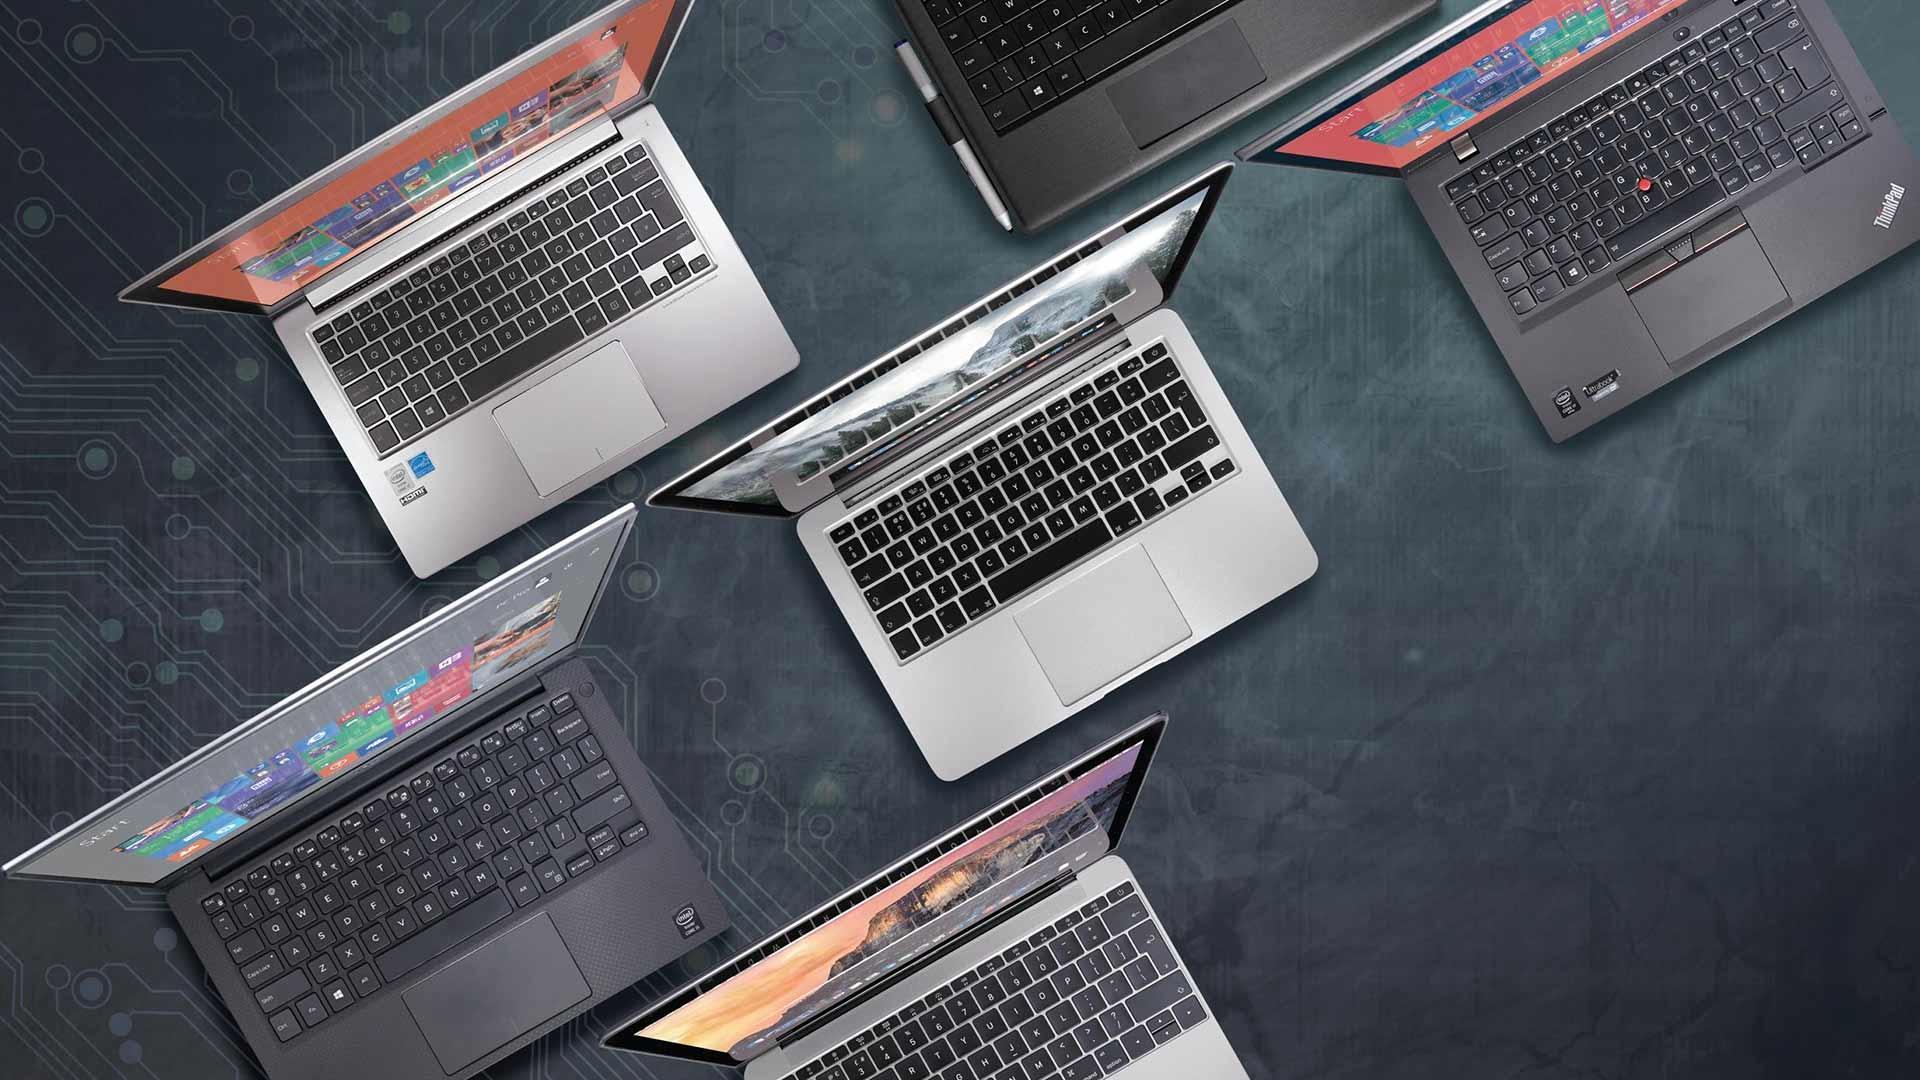 ТОП- 5 лучших ноутбуков для геймеров